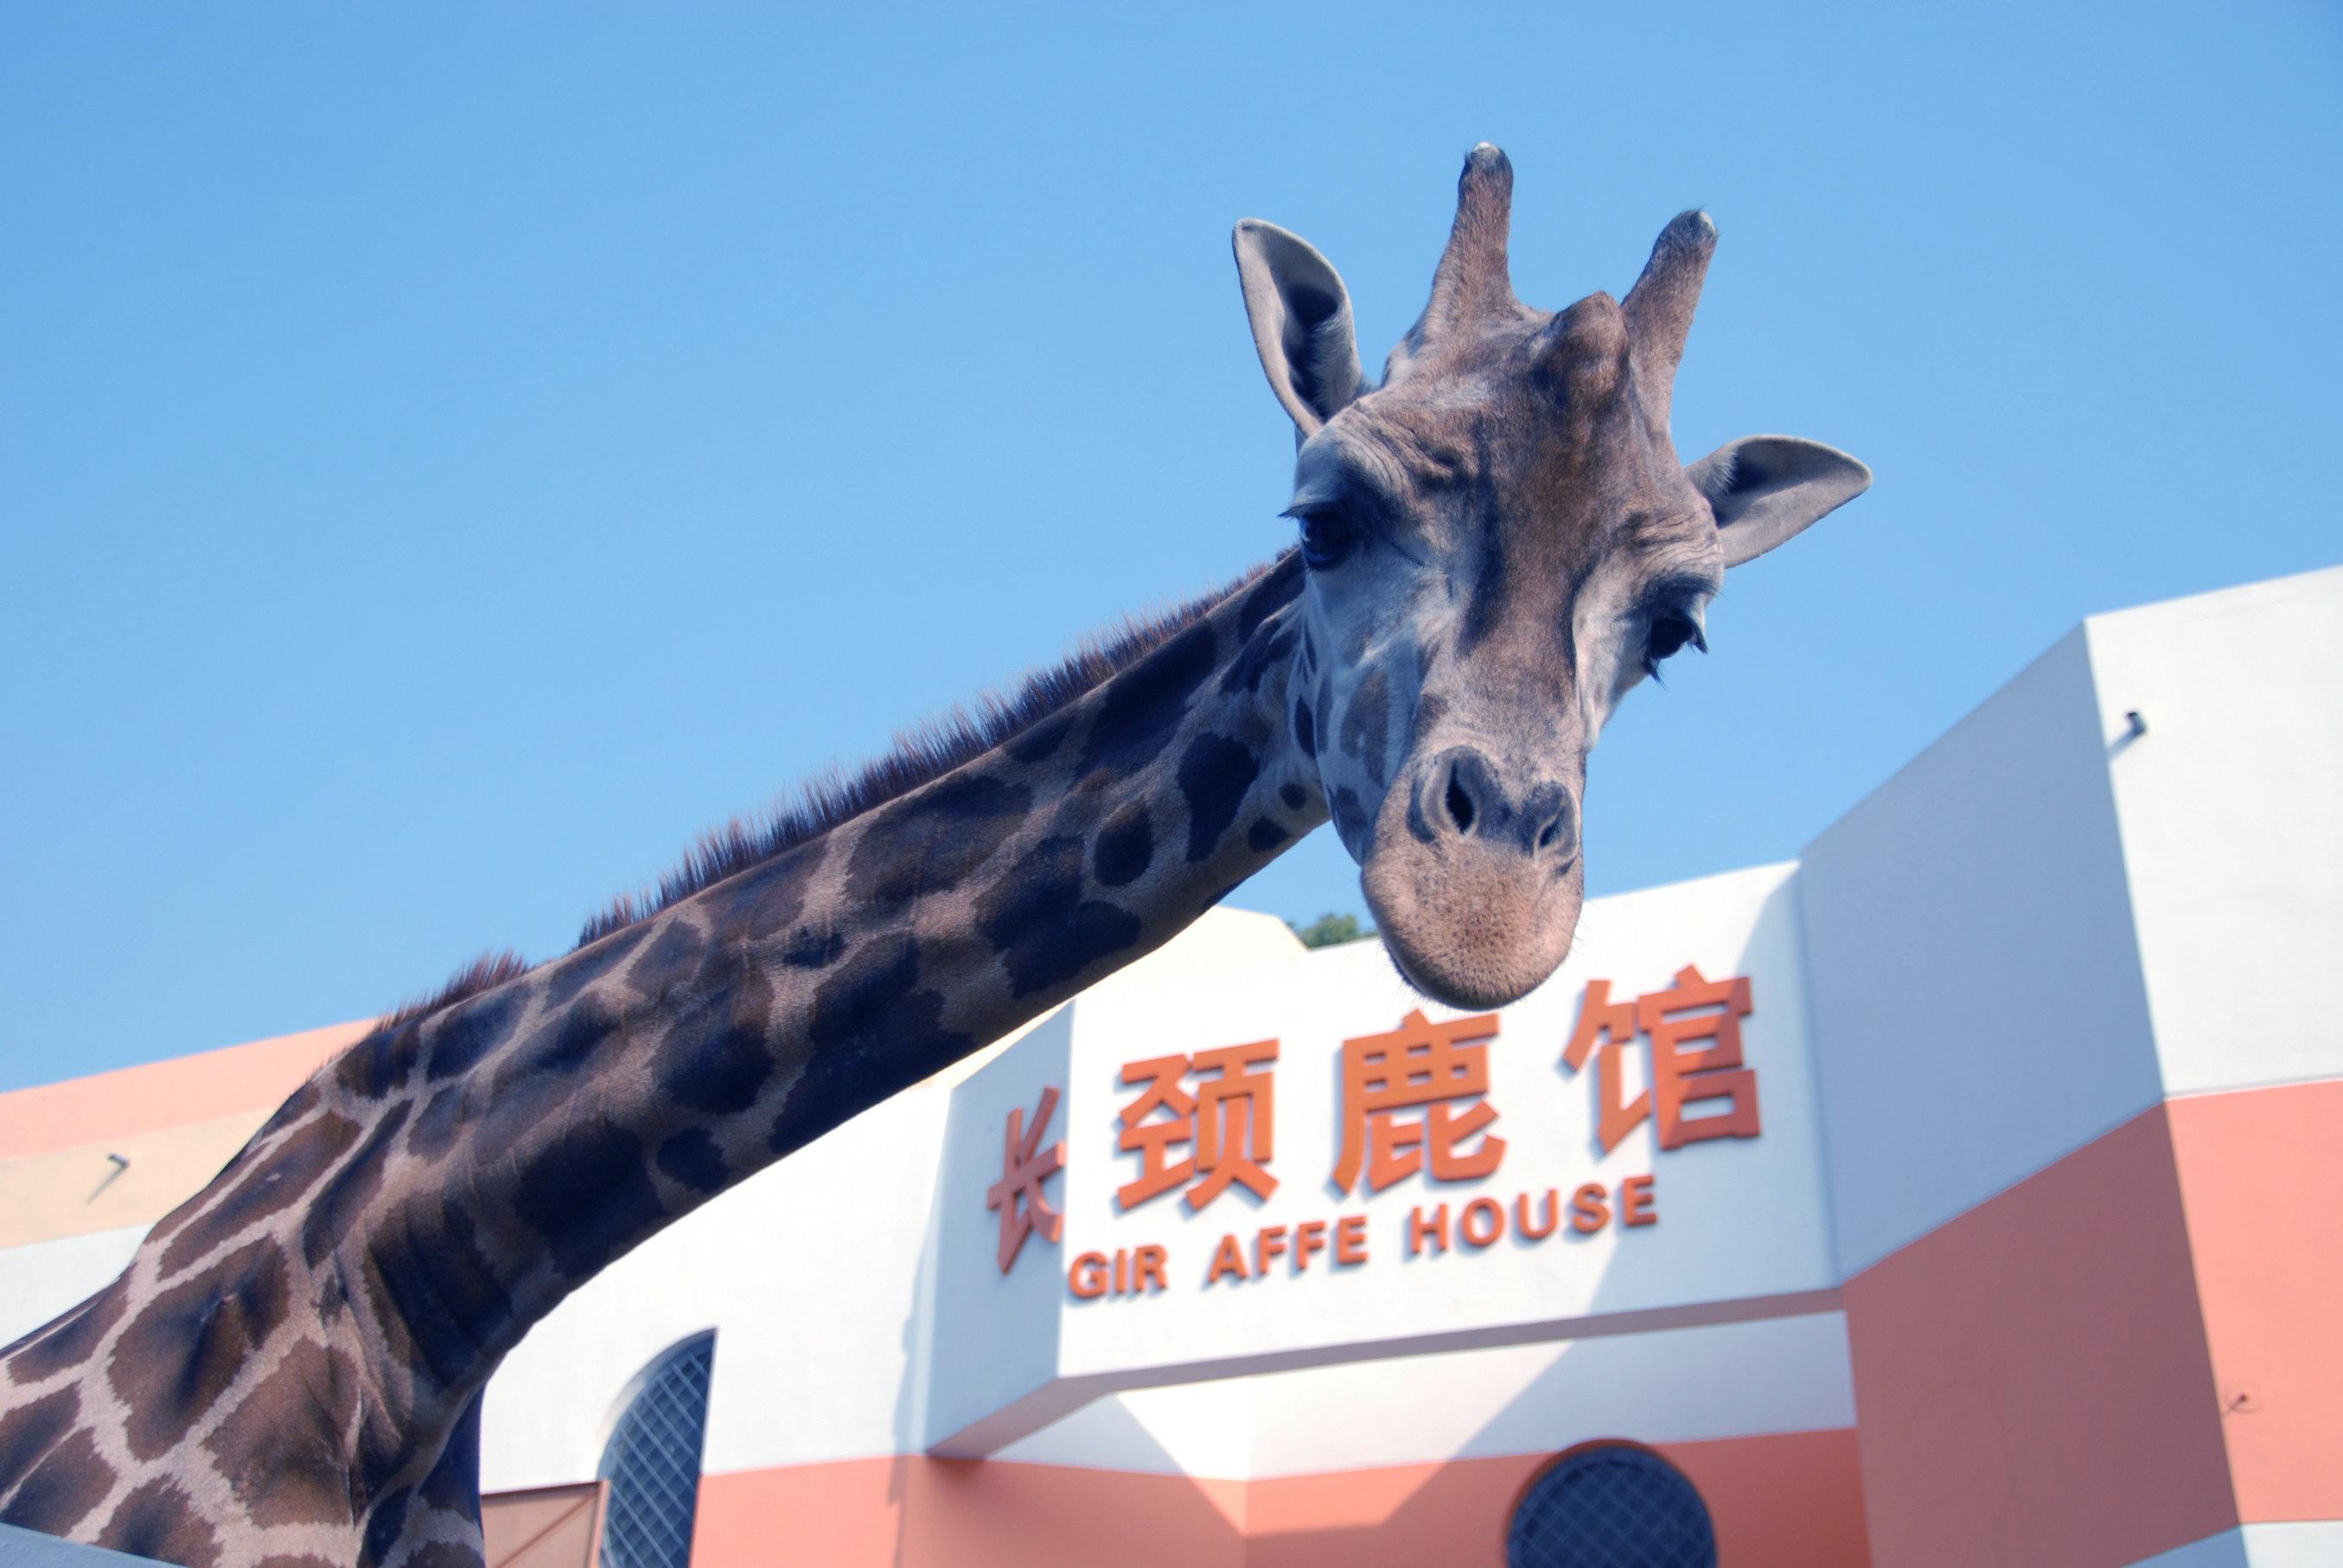 长颈鹿-武汉ag游戏直营网 平台园官网